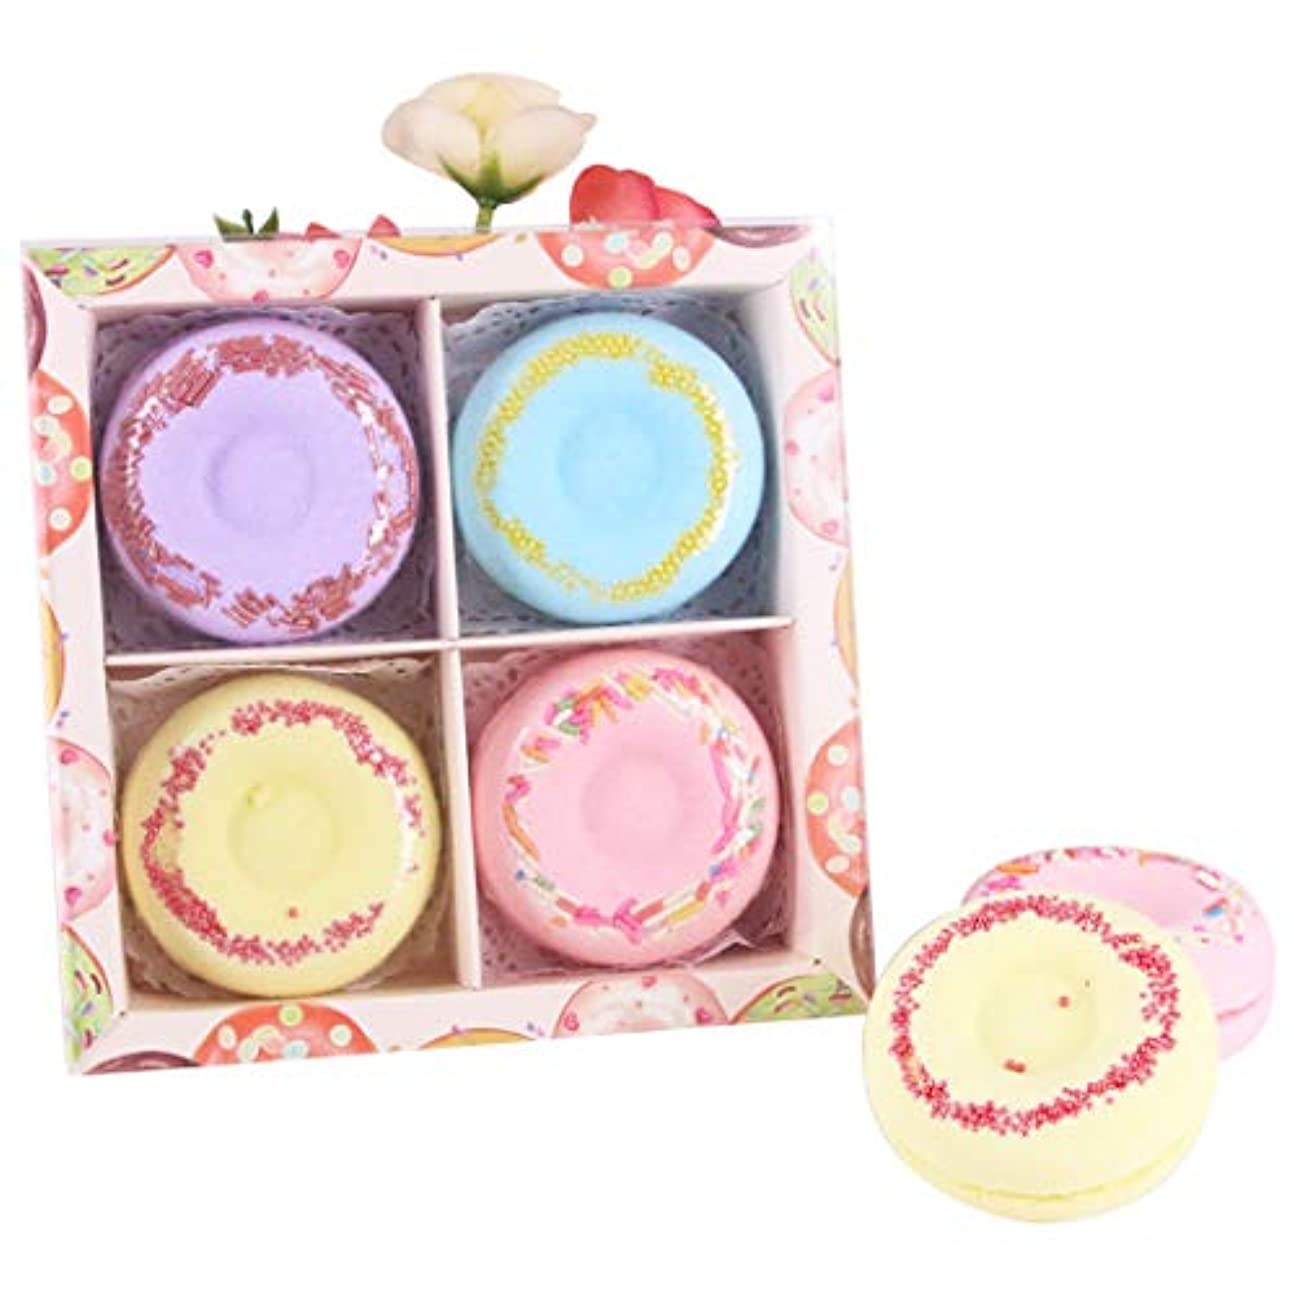 熱帯のテーマどこでもFunpa 4枚セット 入浴剤 入浴ボール ドーナツ型 可愛い 精油 香り残す バレンタインデー 彼女のプレゼント お風呂用